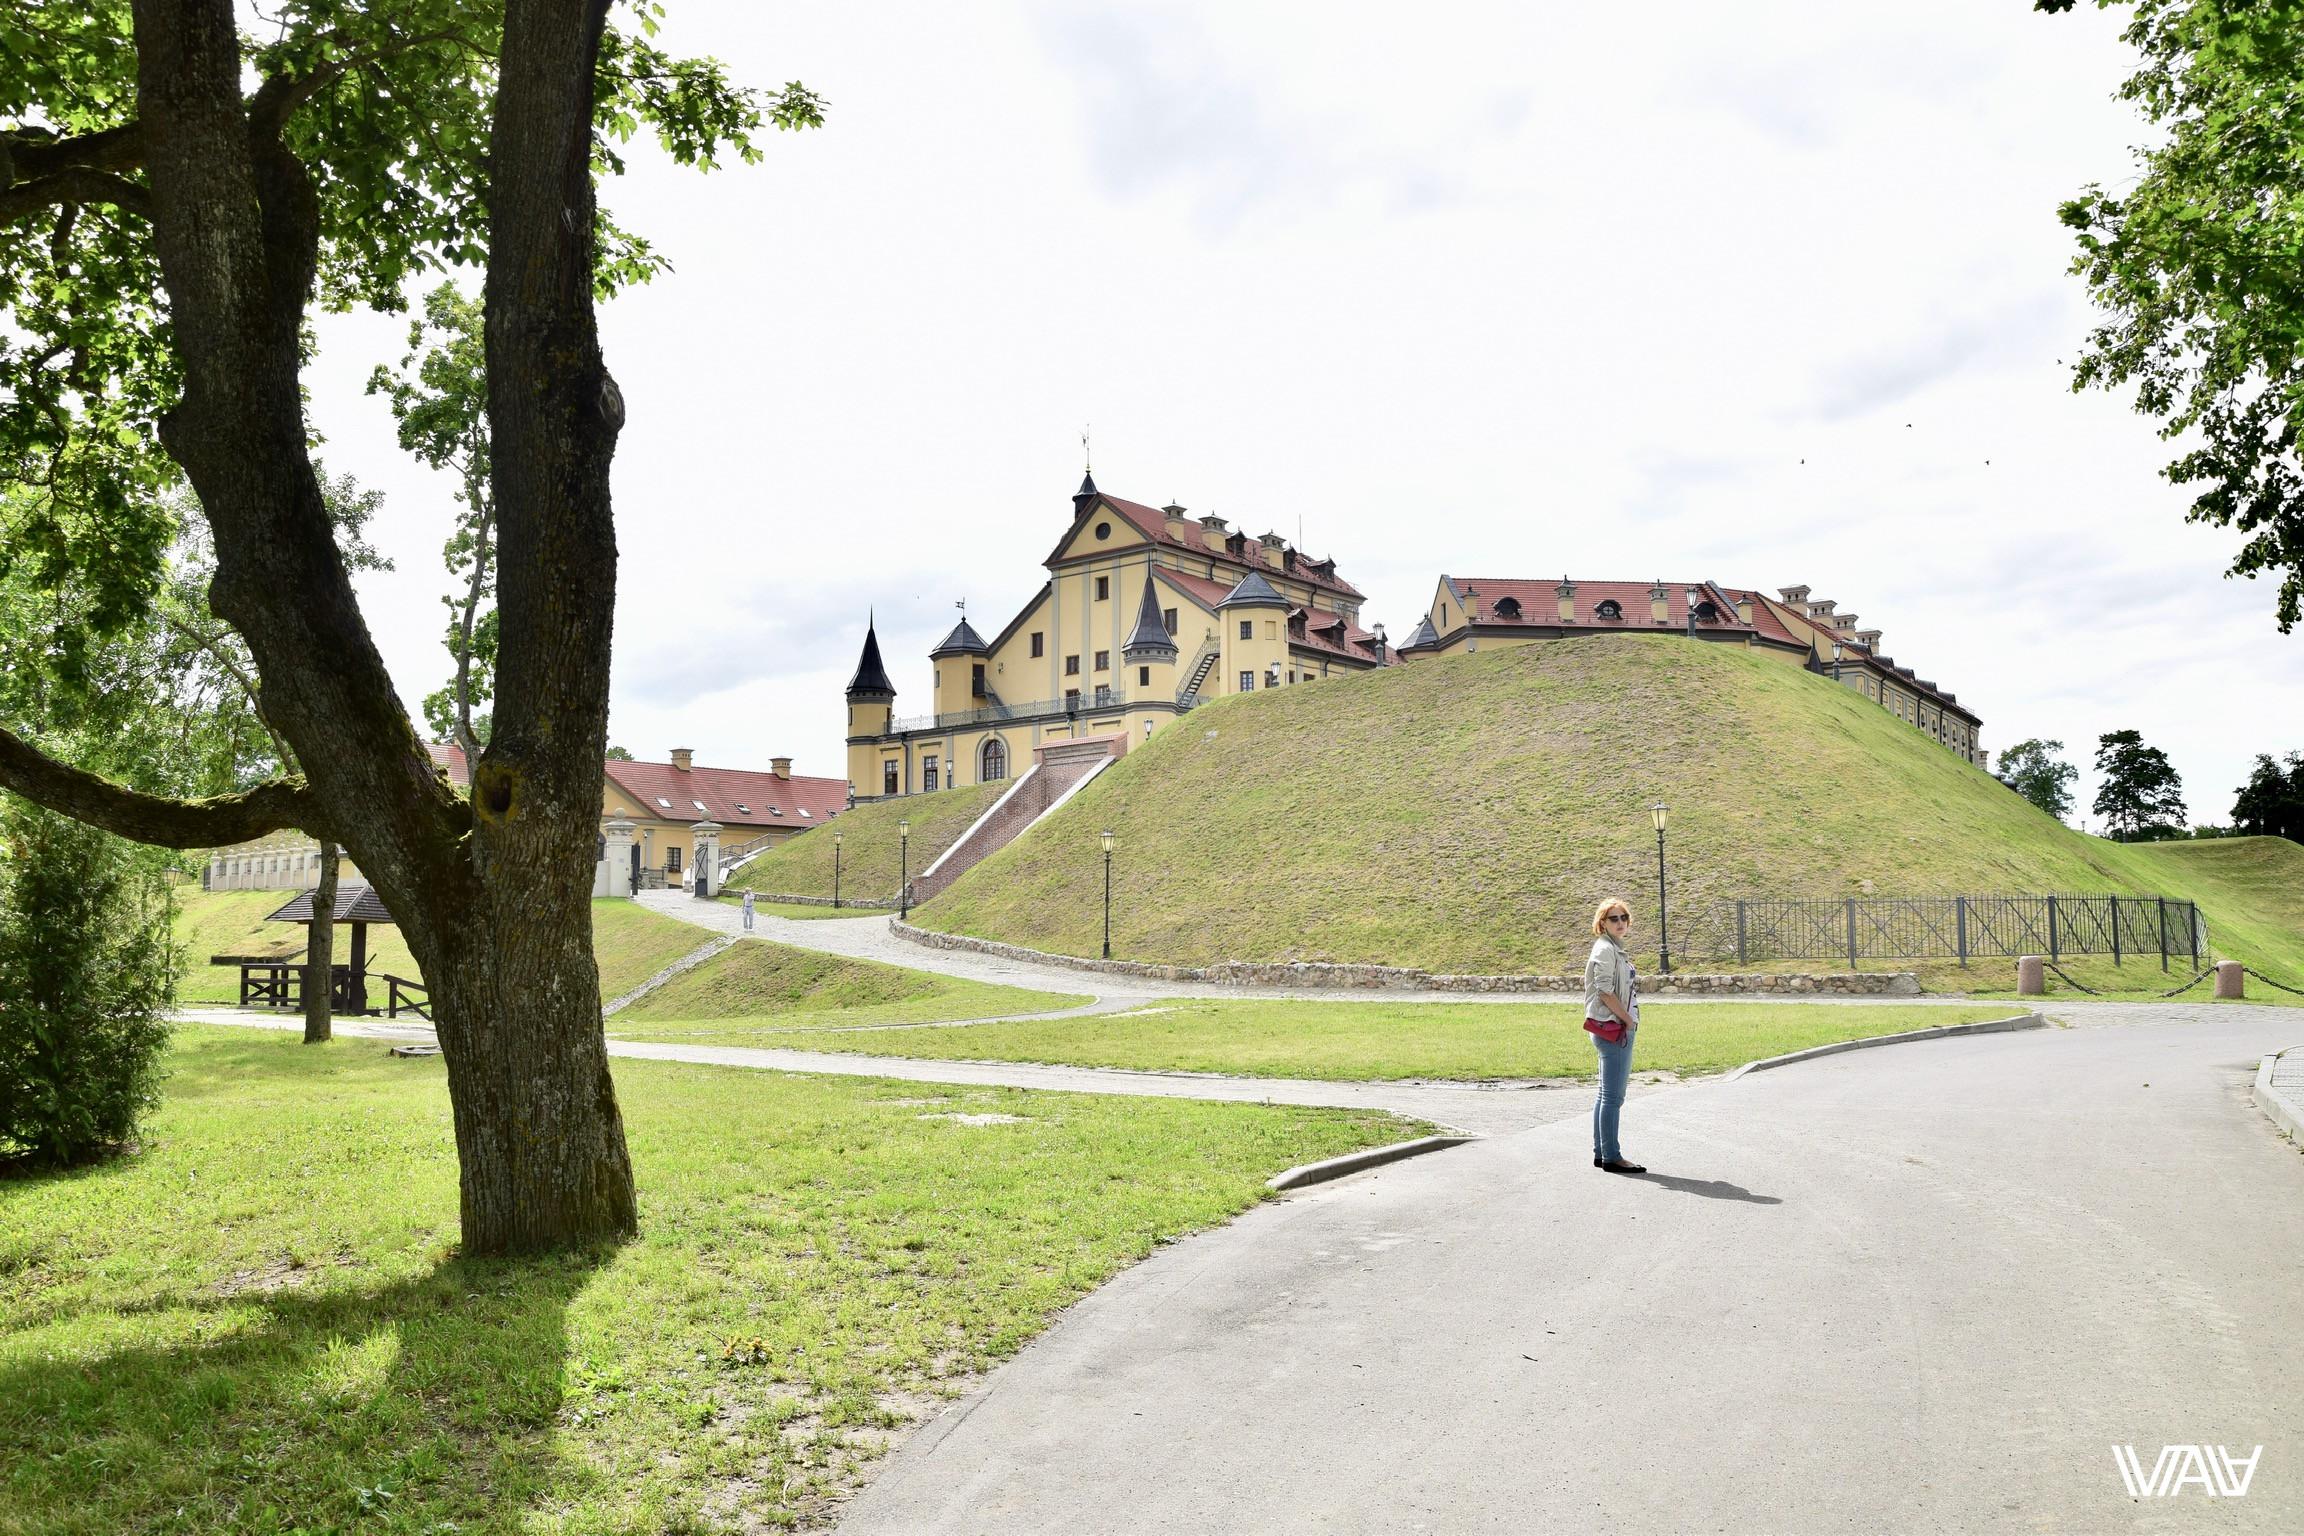 Огромный замок для маленьких людей. Несвижский замок, Несвиж, Беларусь